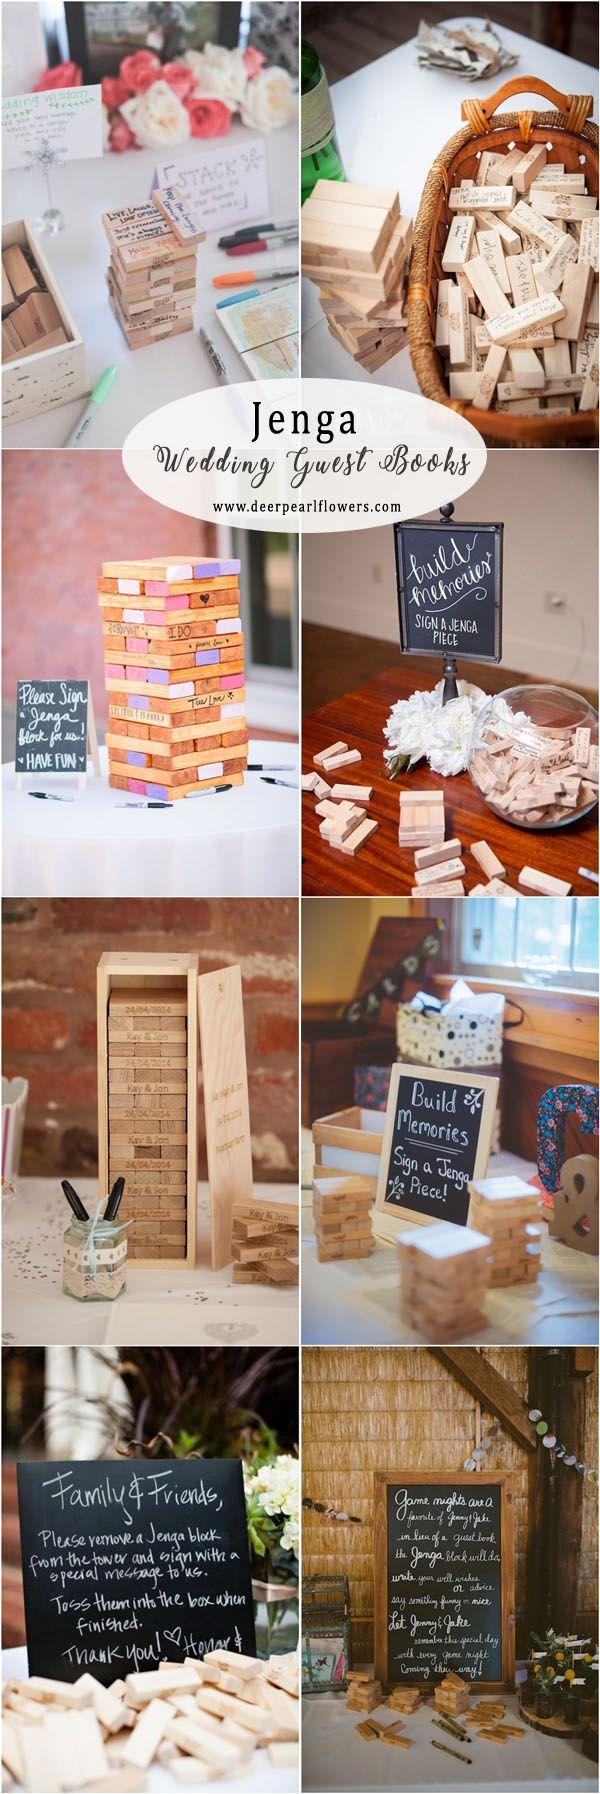 Unique Wood Jenga Wedding Guest Book Ideas Weddings Weddingguestbooks Weddinginspiration Weddin Hochzeit Gastebuch Ideen Hochzeit Lustig Gastebuch Hochzeit